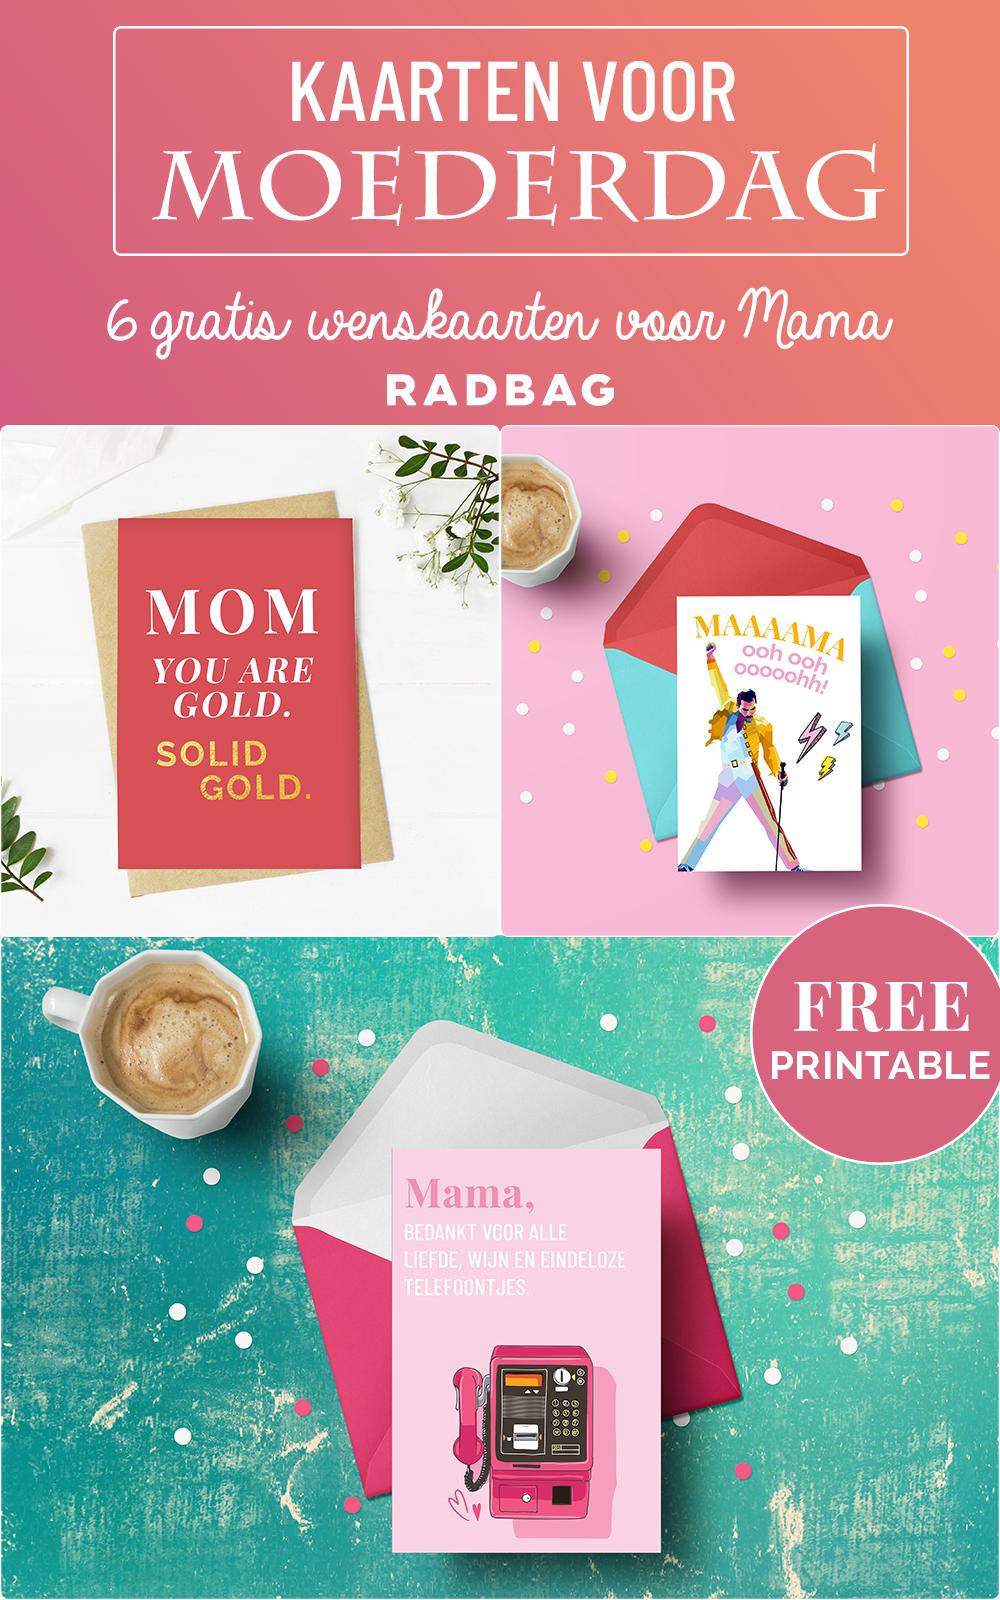 kaarten voor moederdag